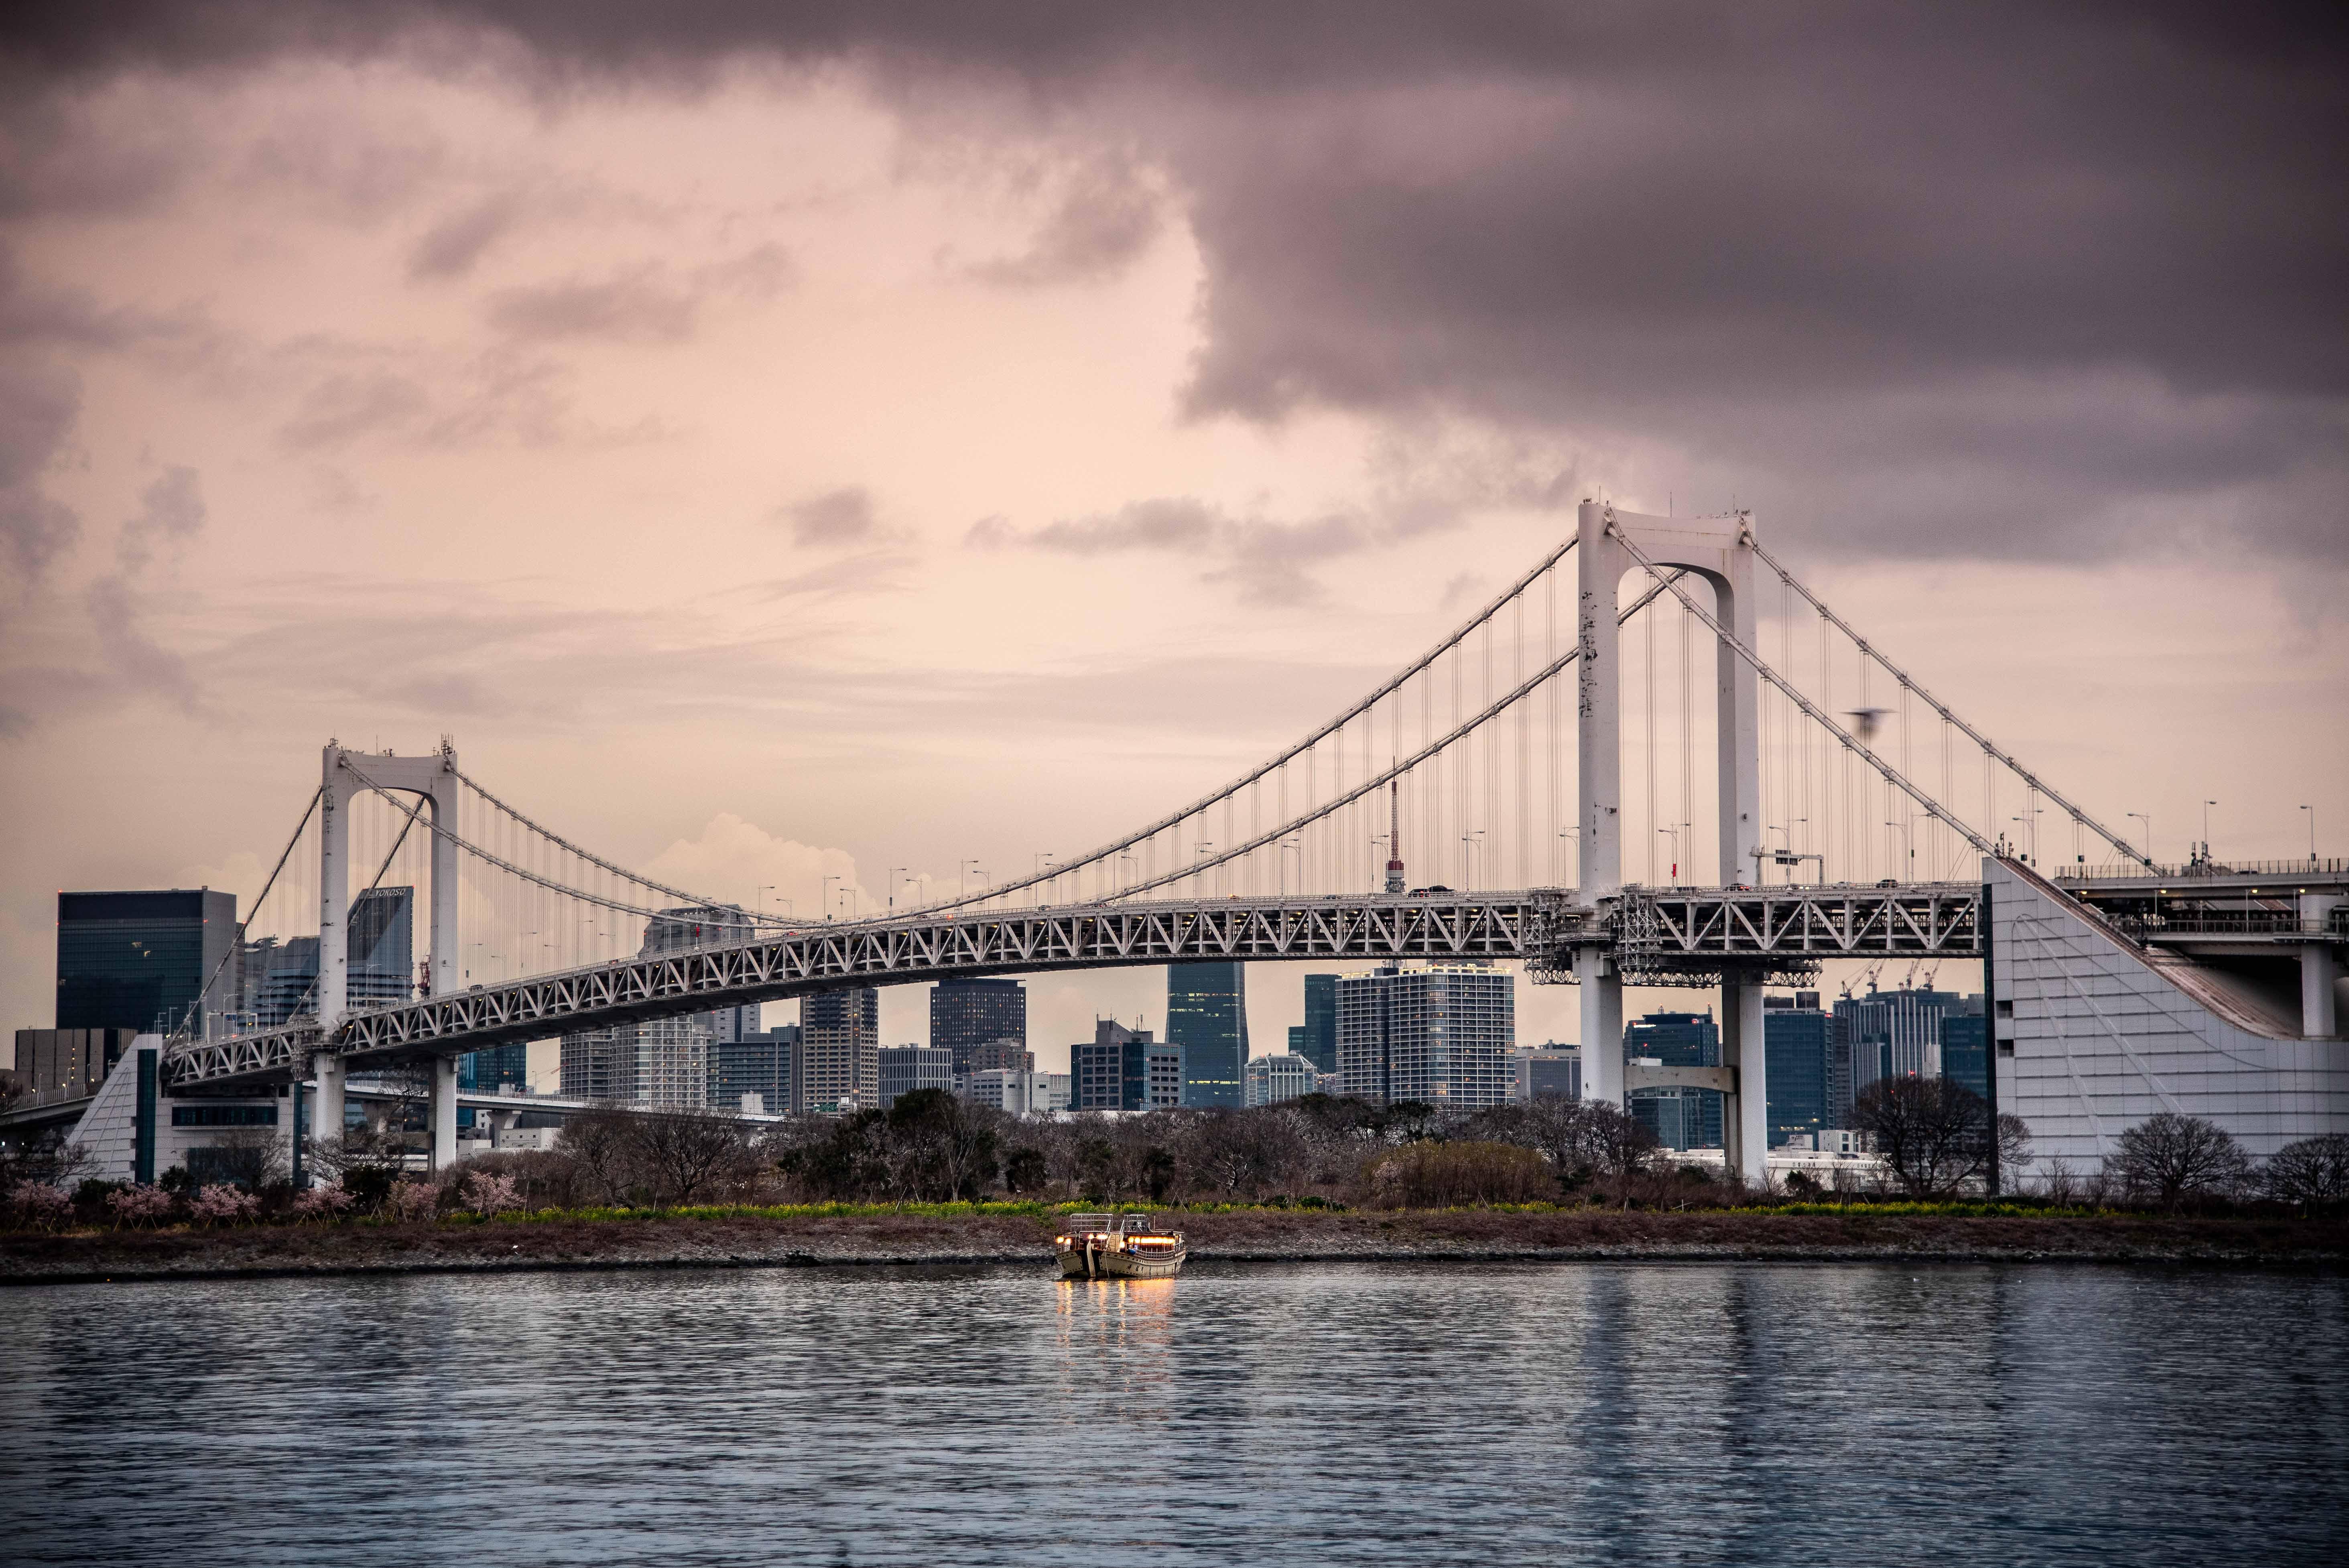 Tokyo City at Dusk